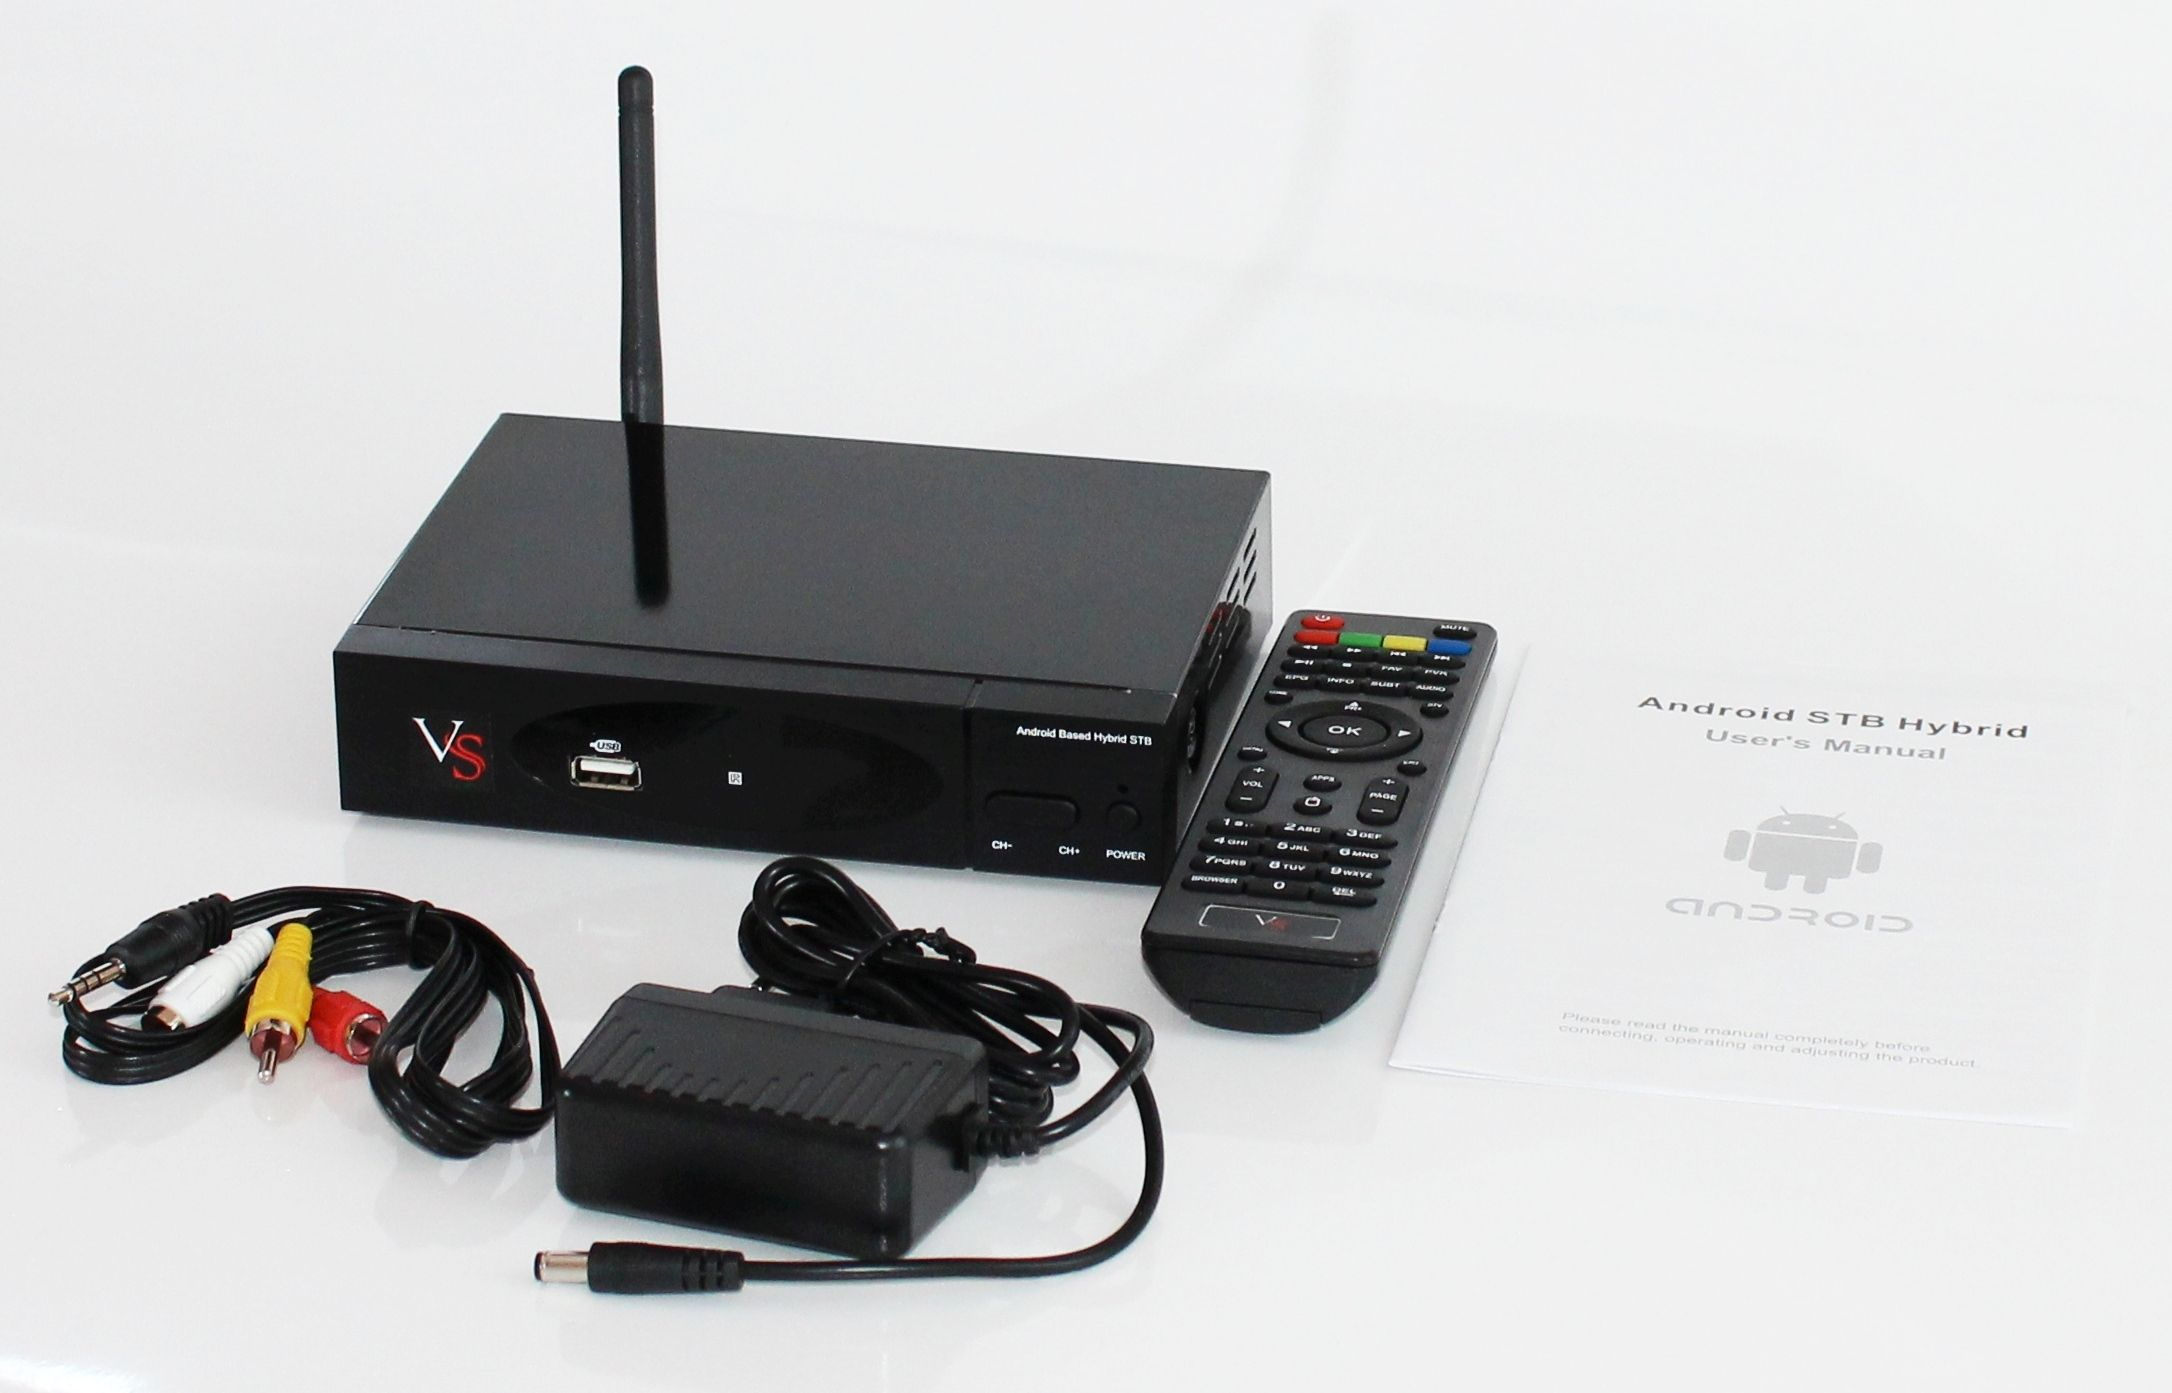 Содержимое упаковки: приставка, кабель HDMI, блок питания, инструкция